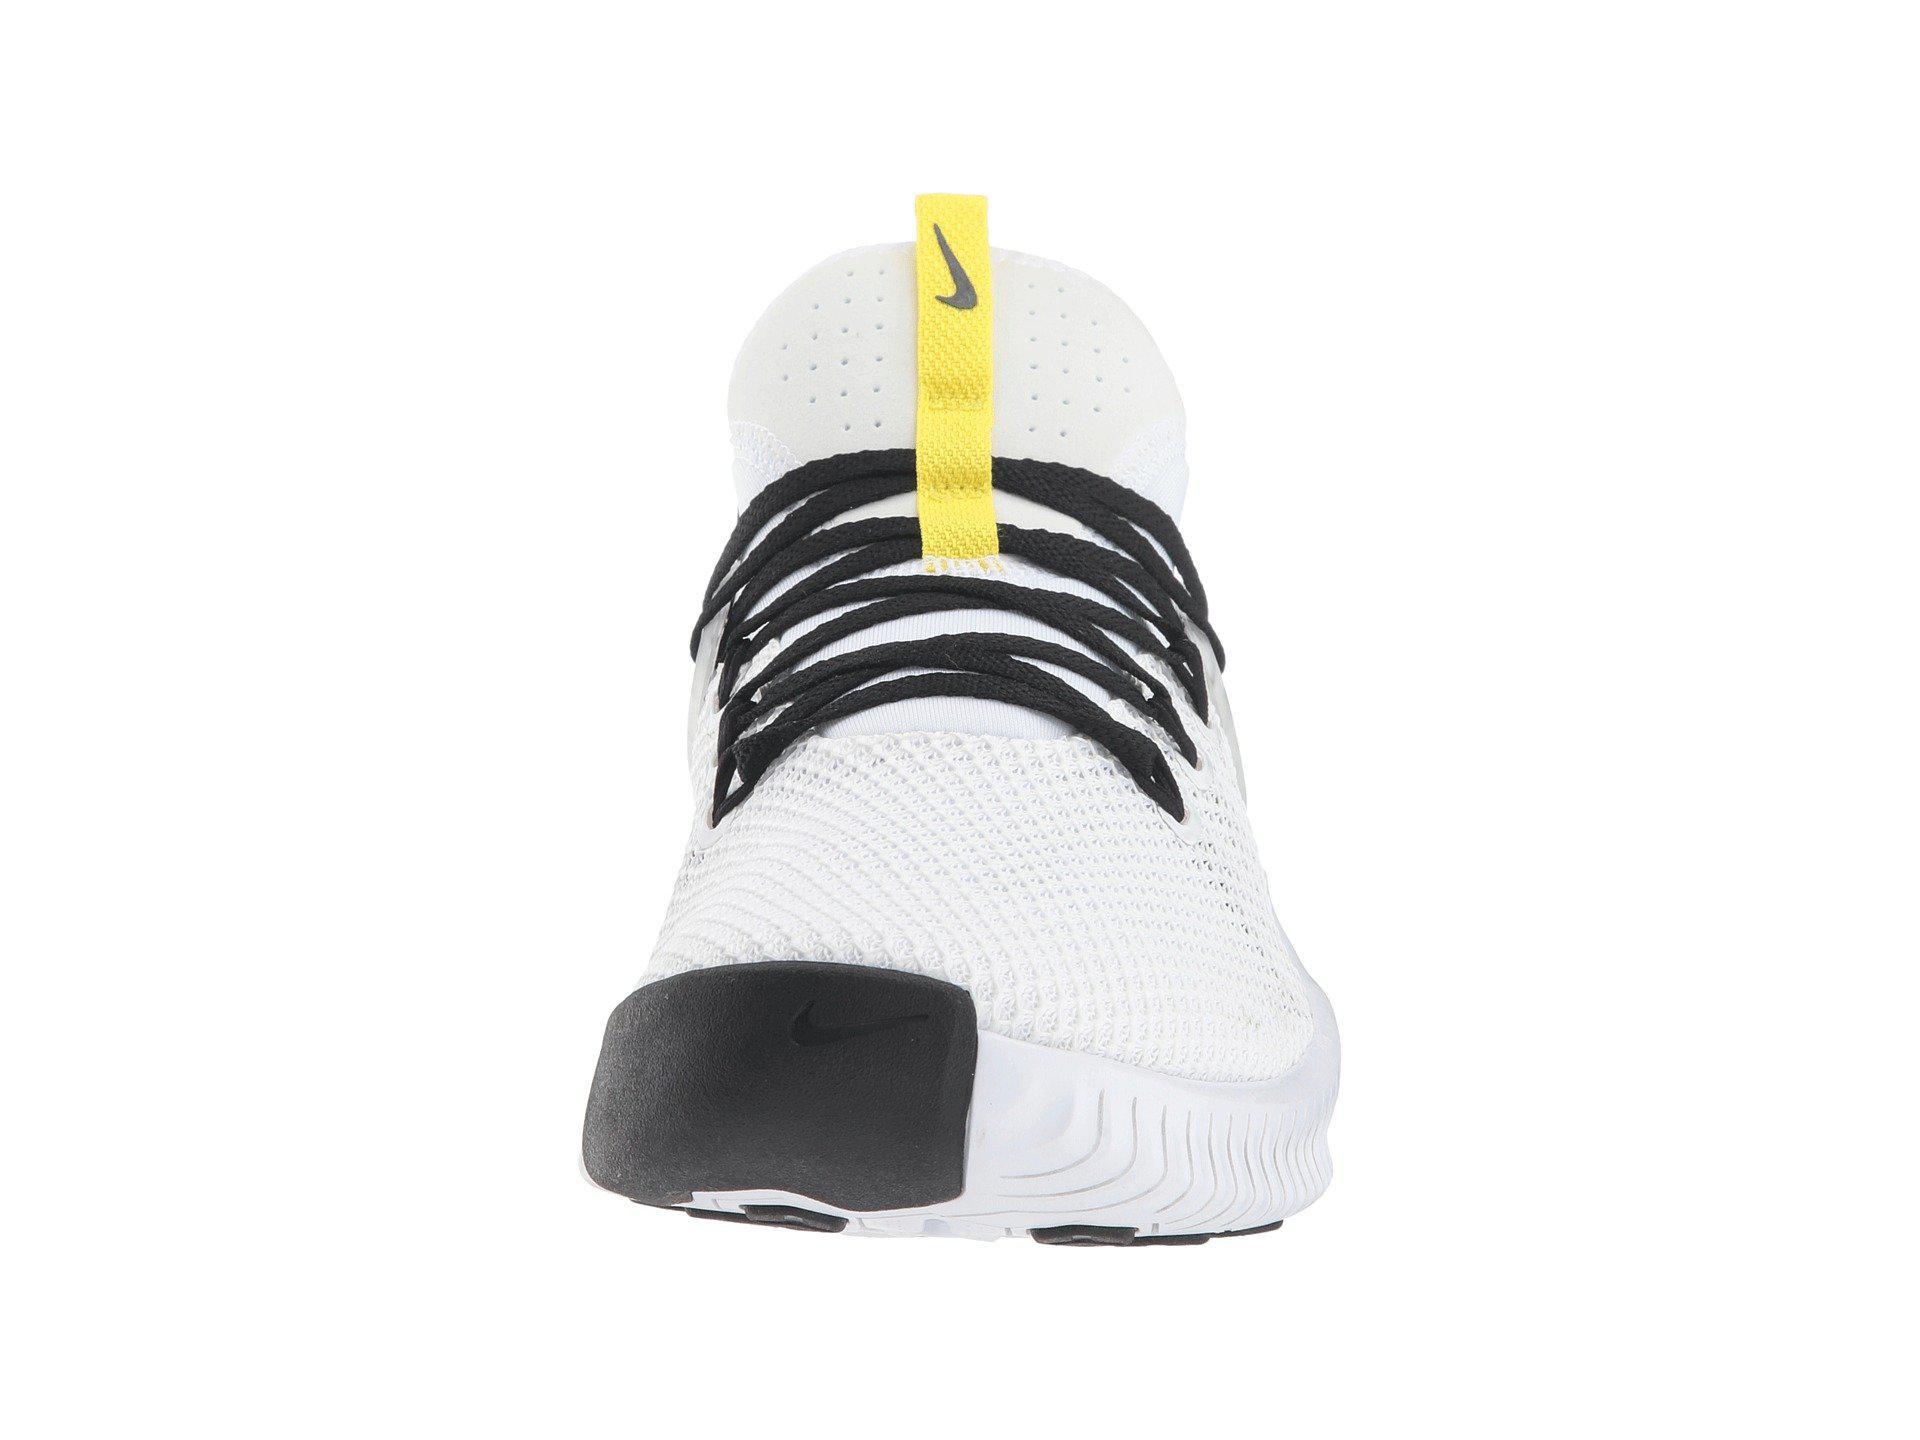 885d20826ea6 Lyst - Nike Metcon Free Jdq (white black dynamic Yellow) Men s Cross ...